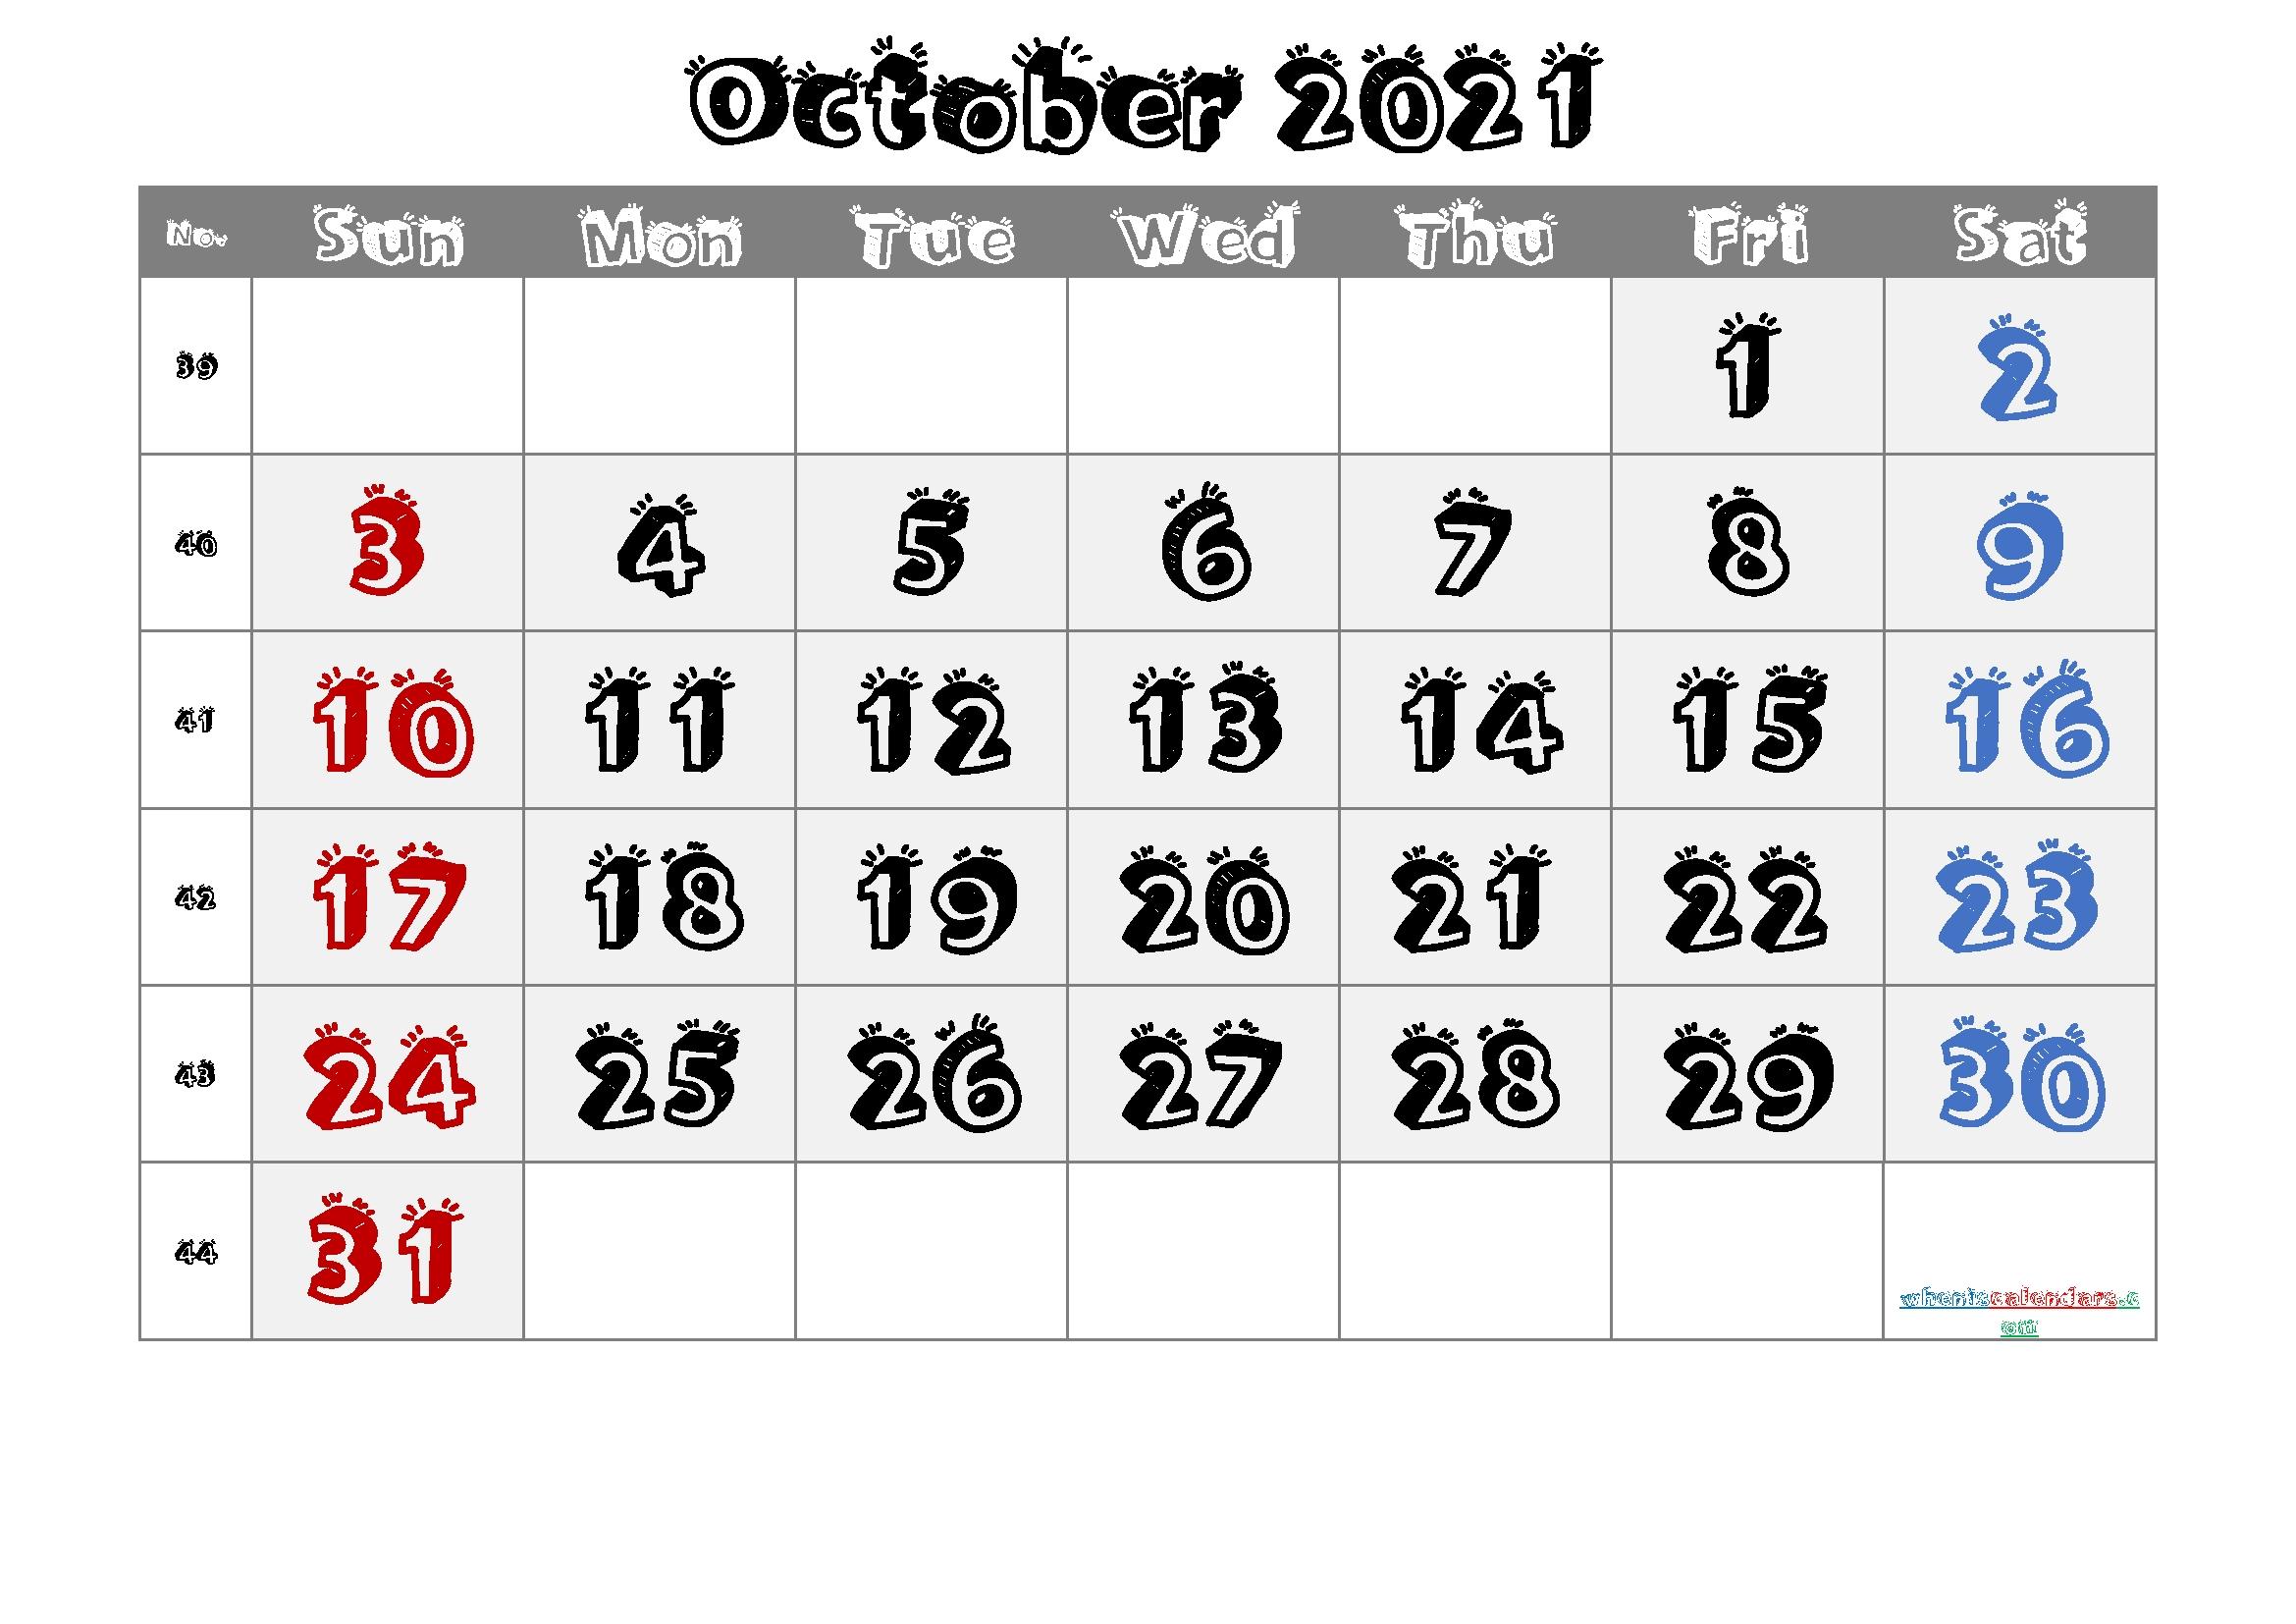 October 2021 Printable Calendar With Week Numbers October